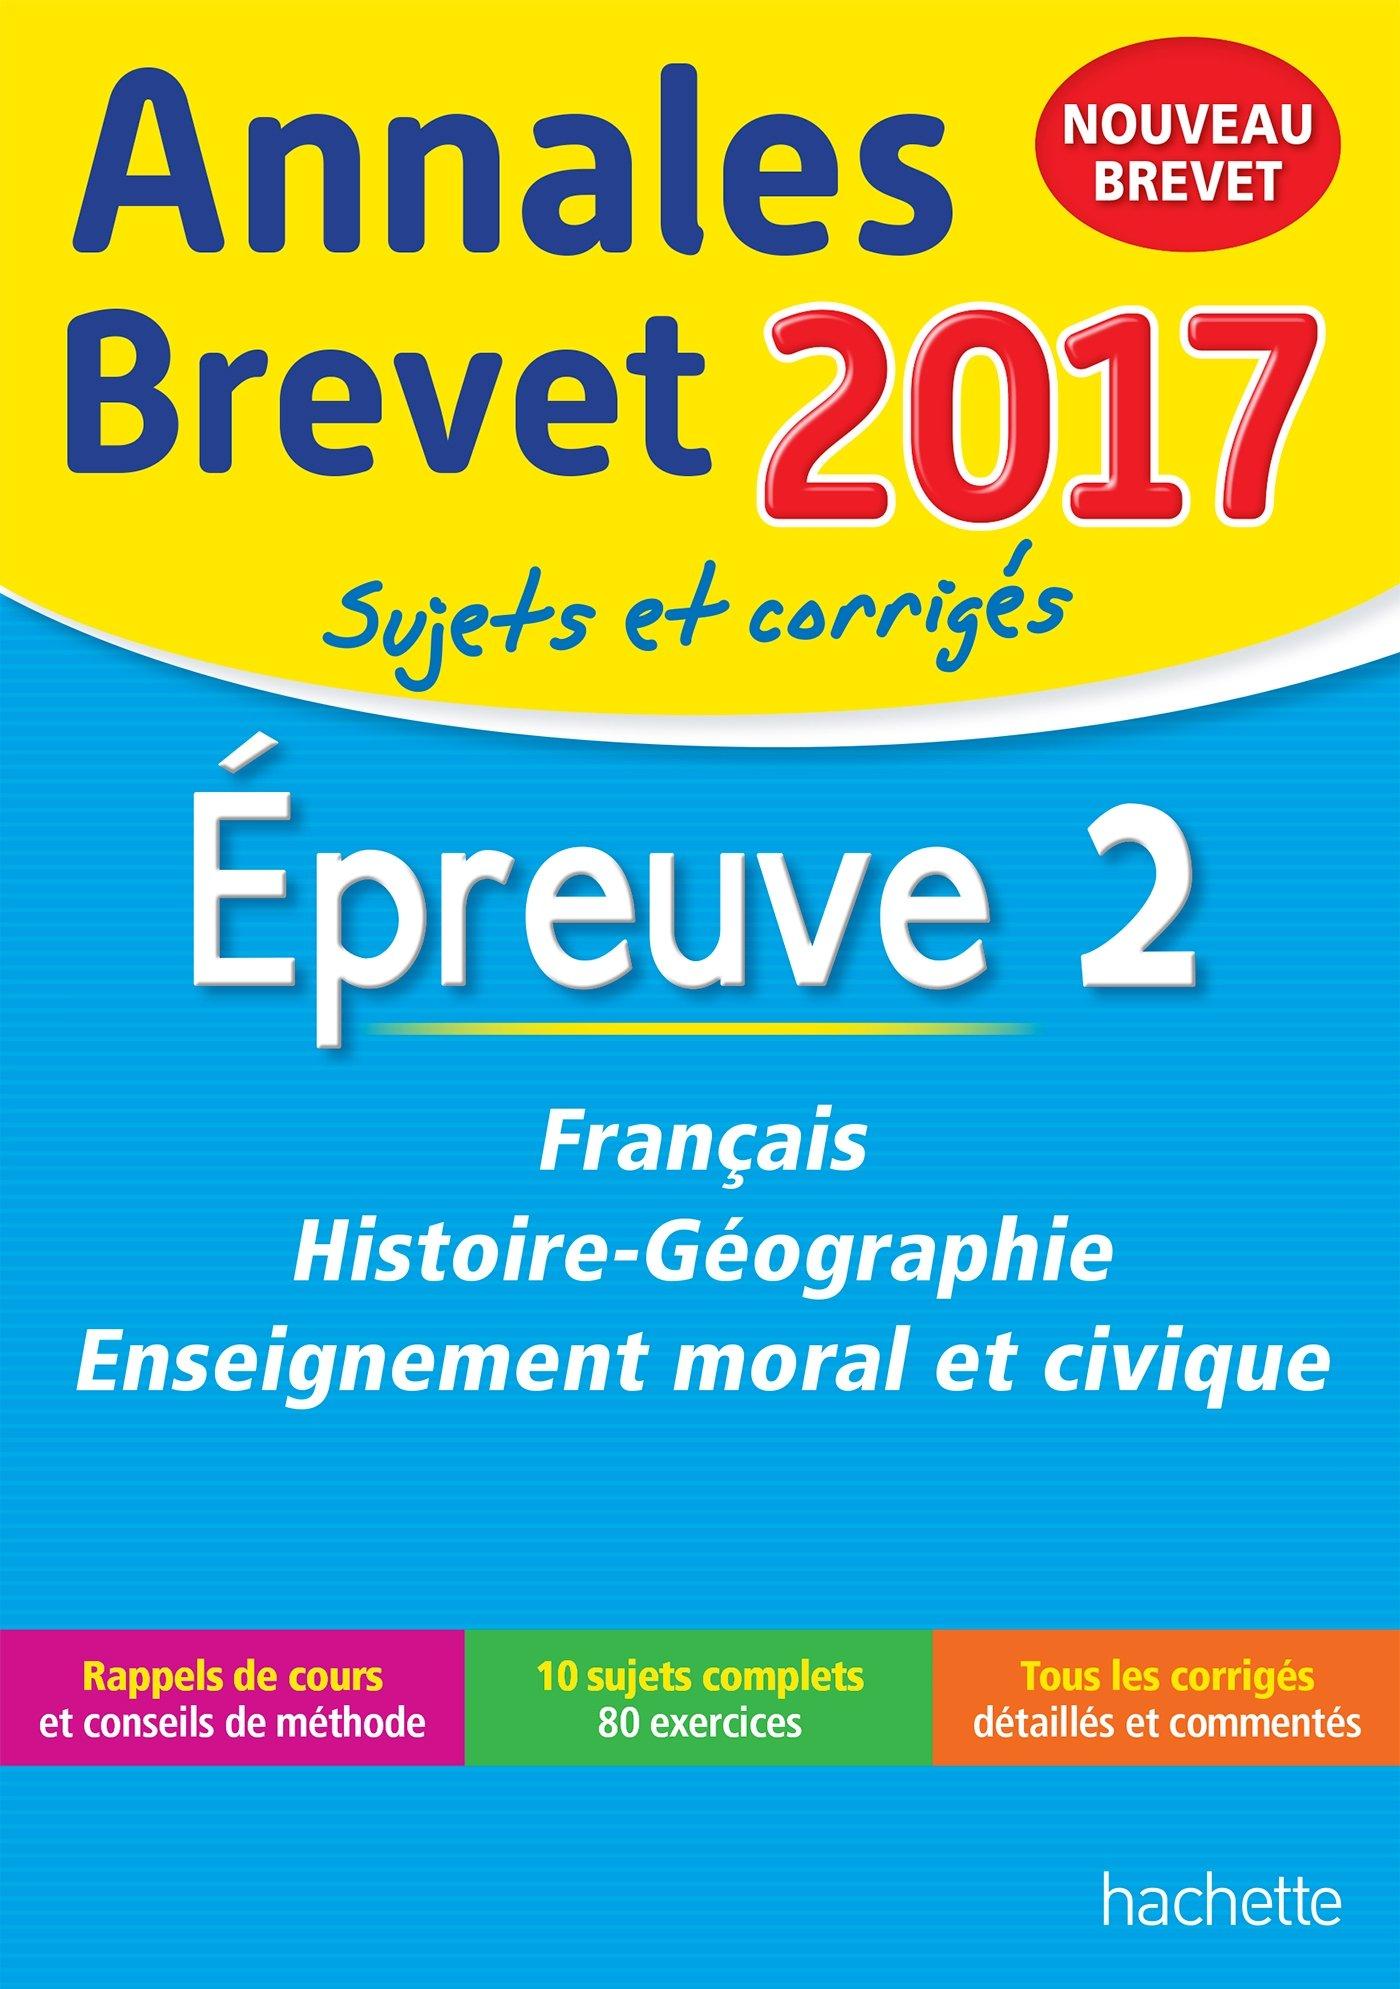 Annales Brevet 2017 Français, Histoire et Géographie, Enseignement Moral et Civique 3e - Nouveau programme 2016 by Brigitte Réauté (2016-08-18) (French) ...